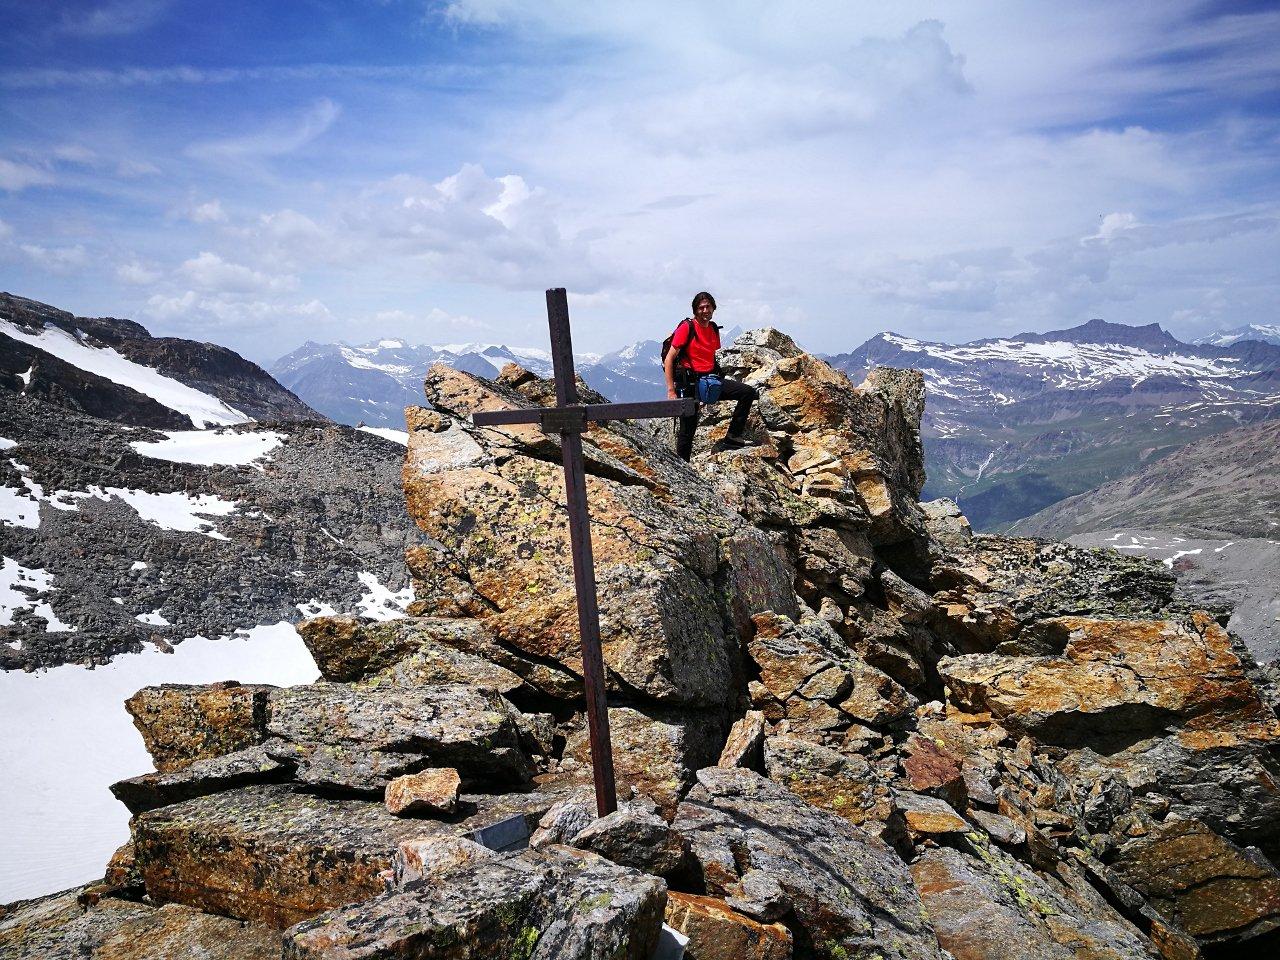 03 - l'arrivo alla croce di vetta con breve passaggio in cresta, elementare